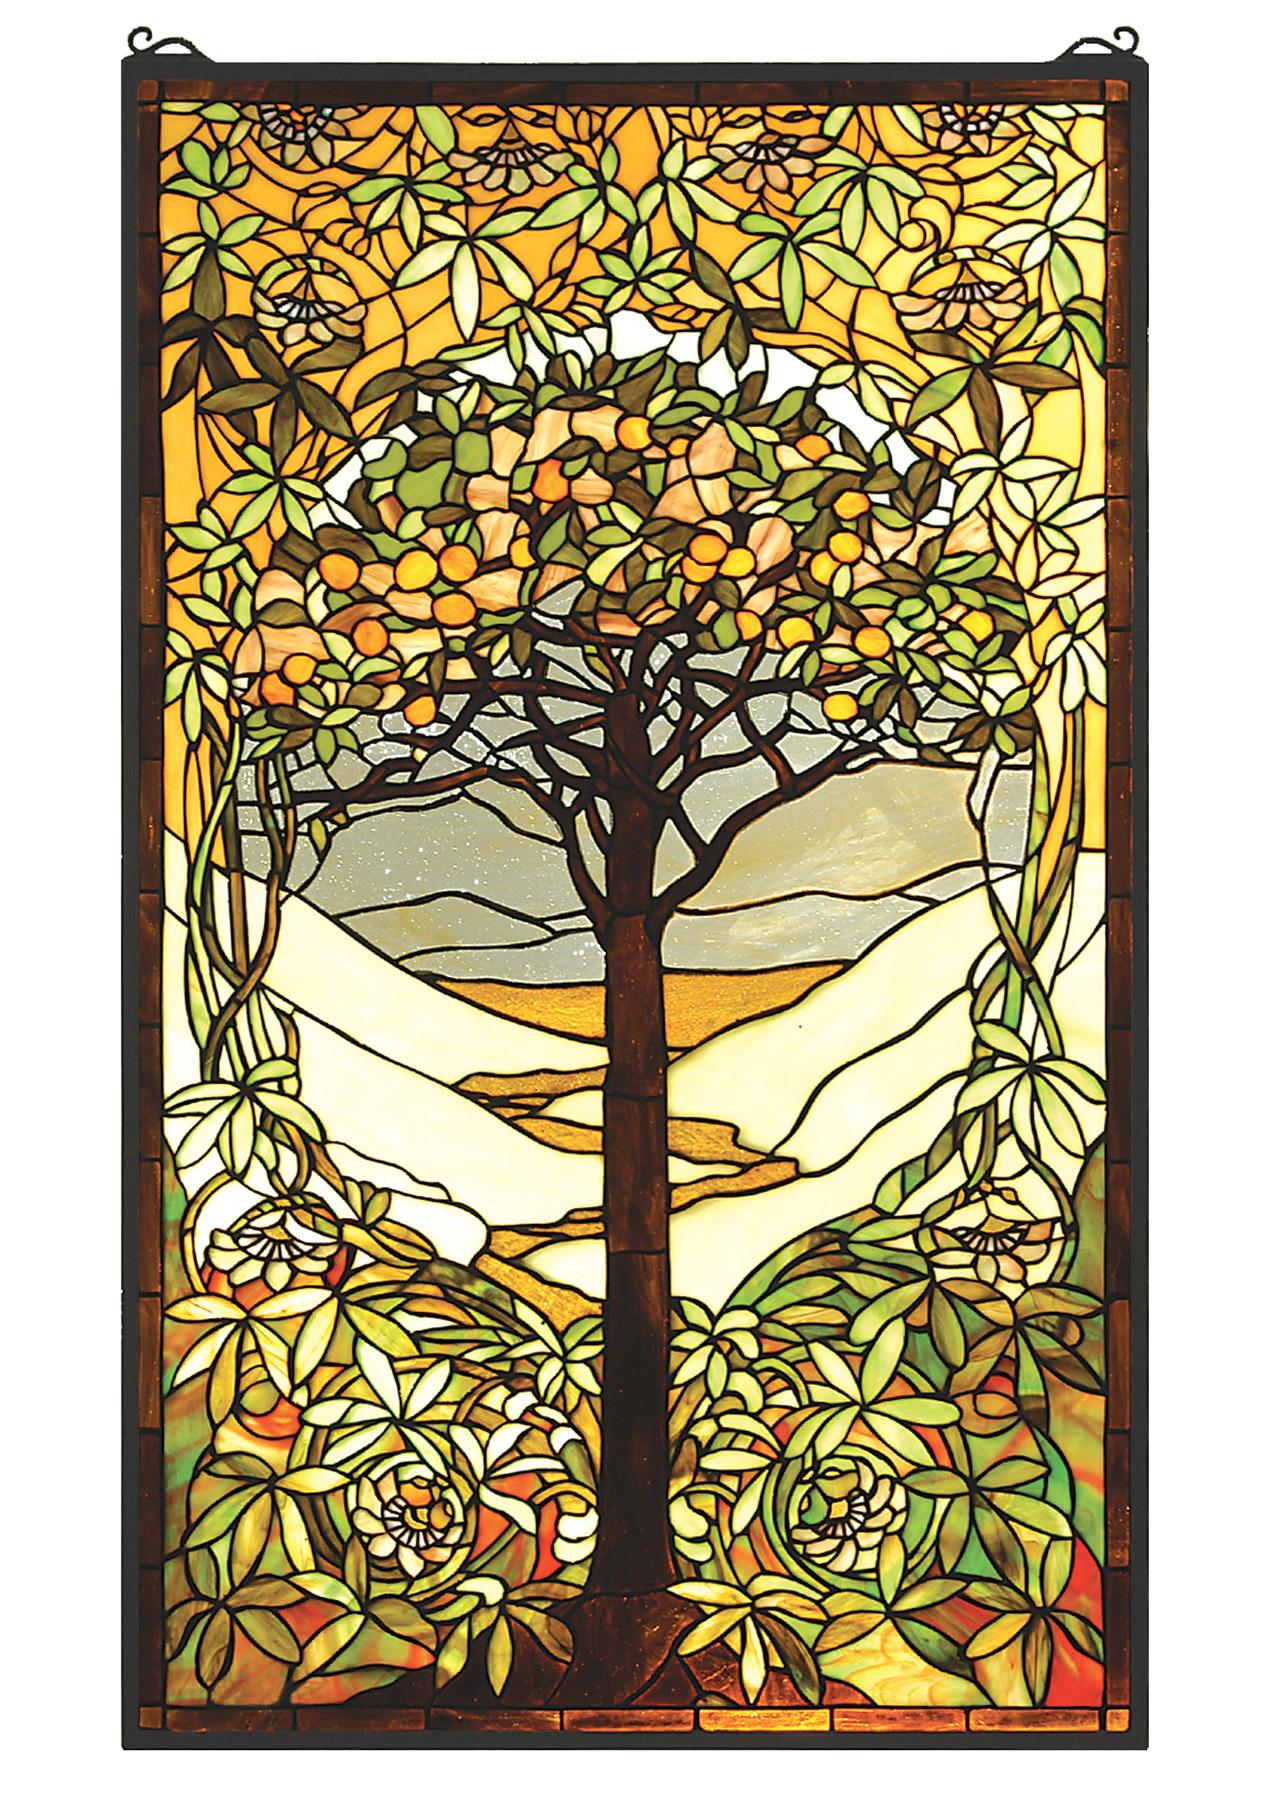 Stained Glass Window Art : Meyda tiffany tree of life stained glass window